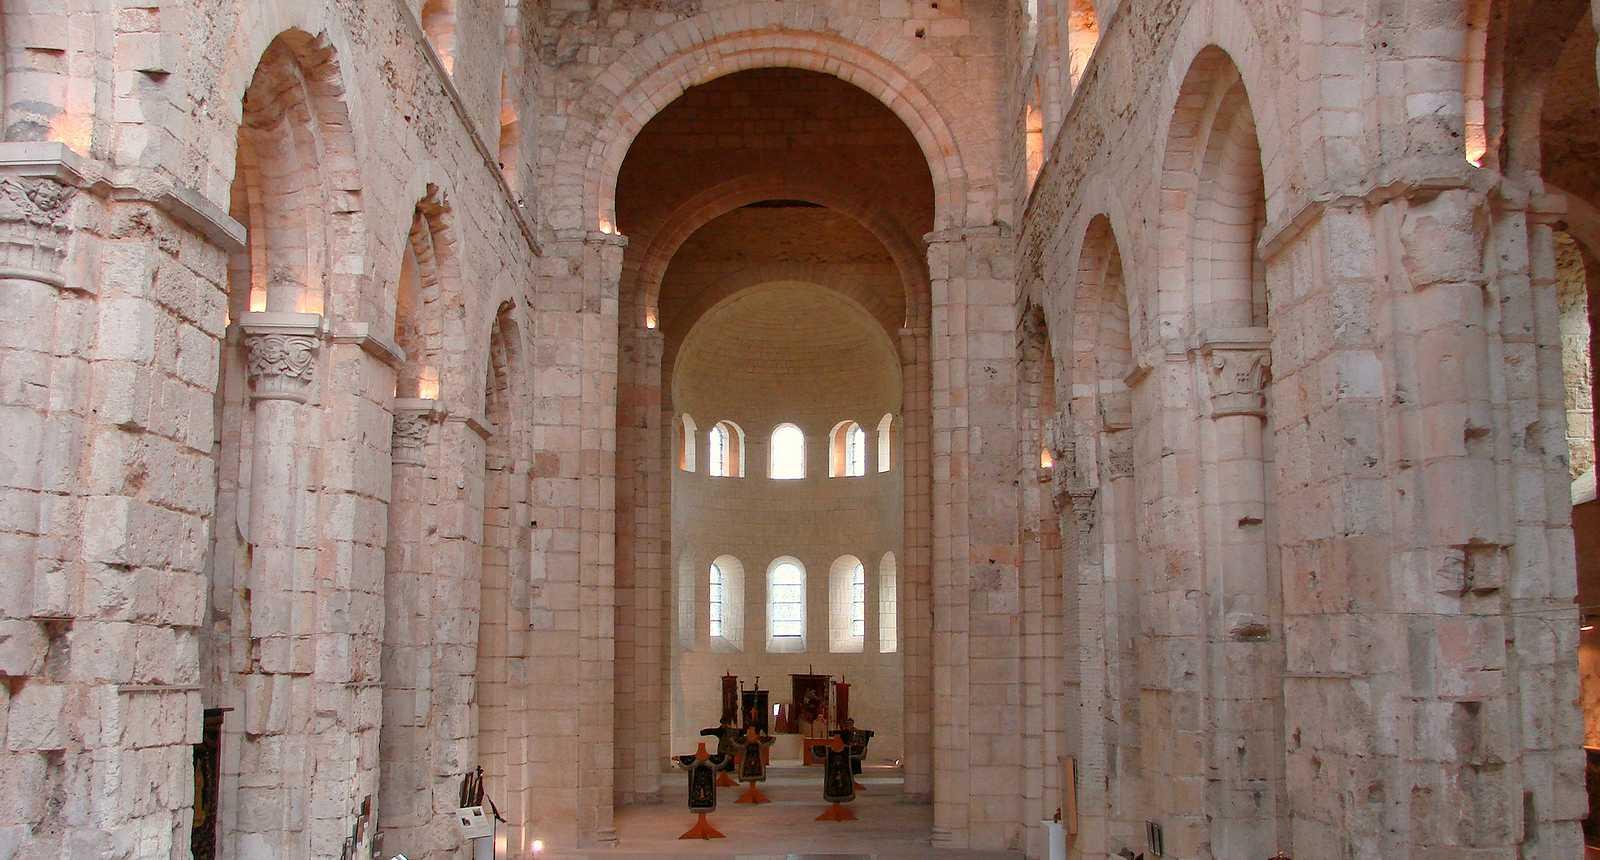 Intérieur de l'Abbaye Notre-Dame de Bernay